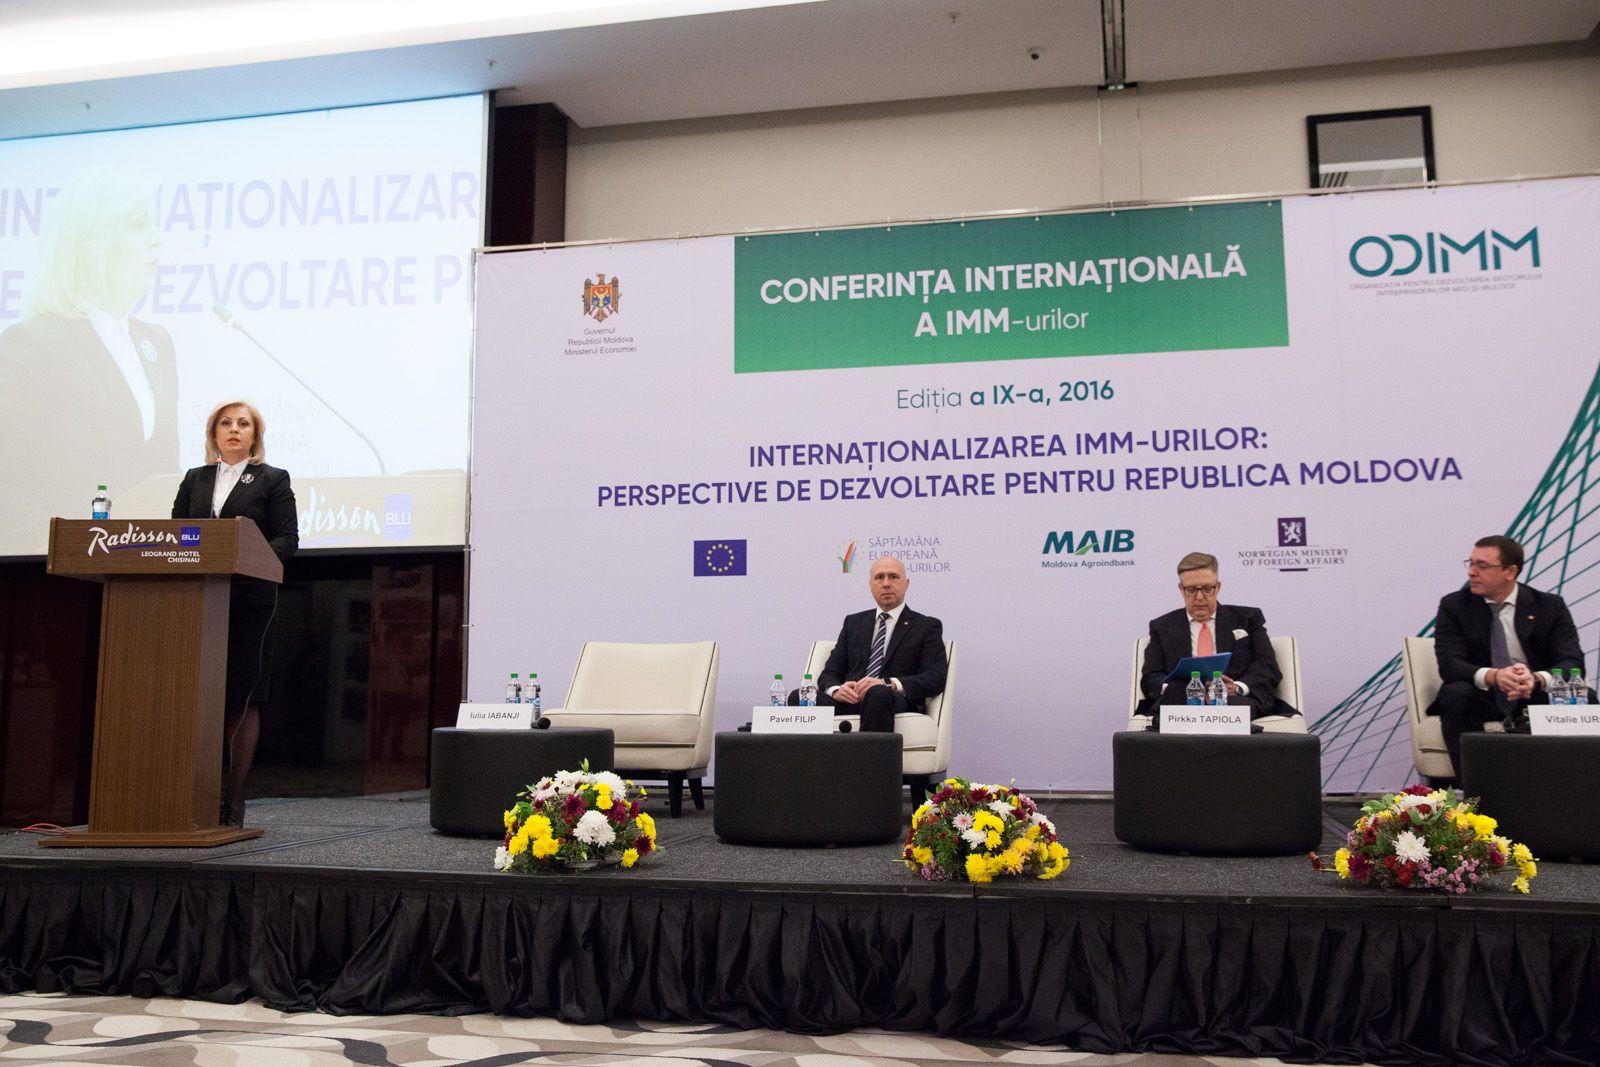 Cea de-a IX-a Conferință Internațională a IMM-urilor a întrunit peste 400 de participanți